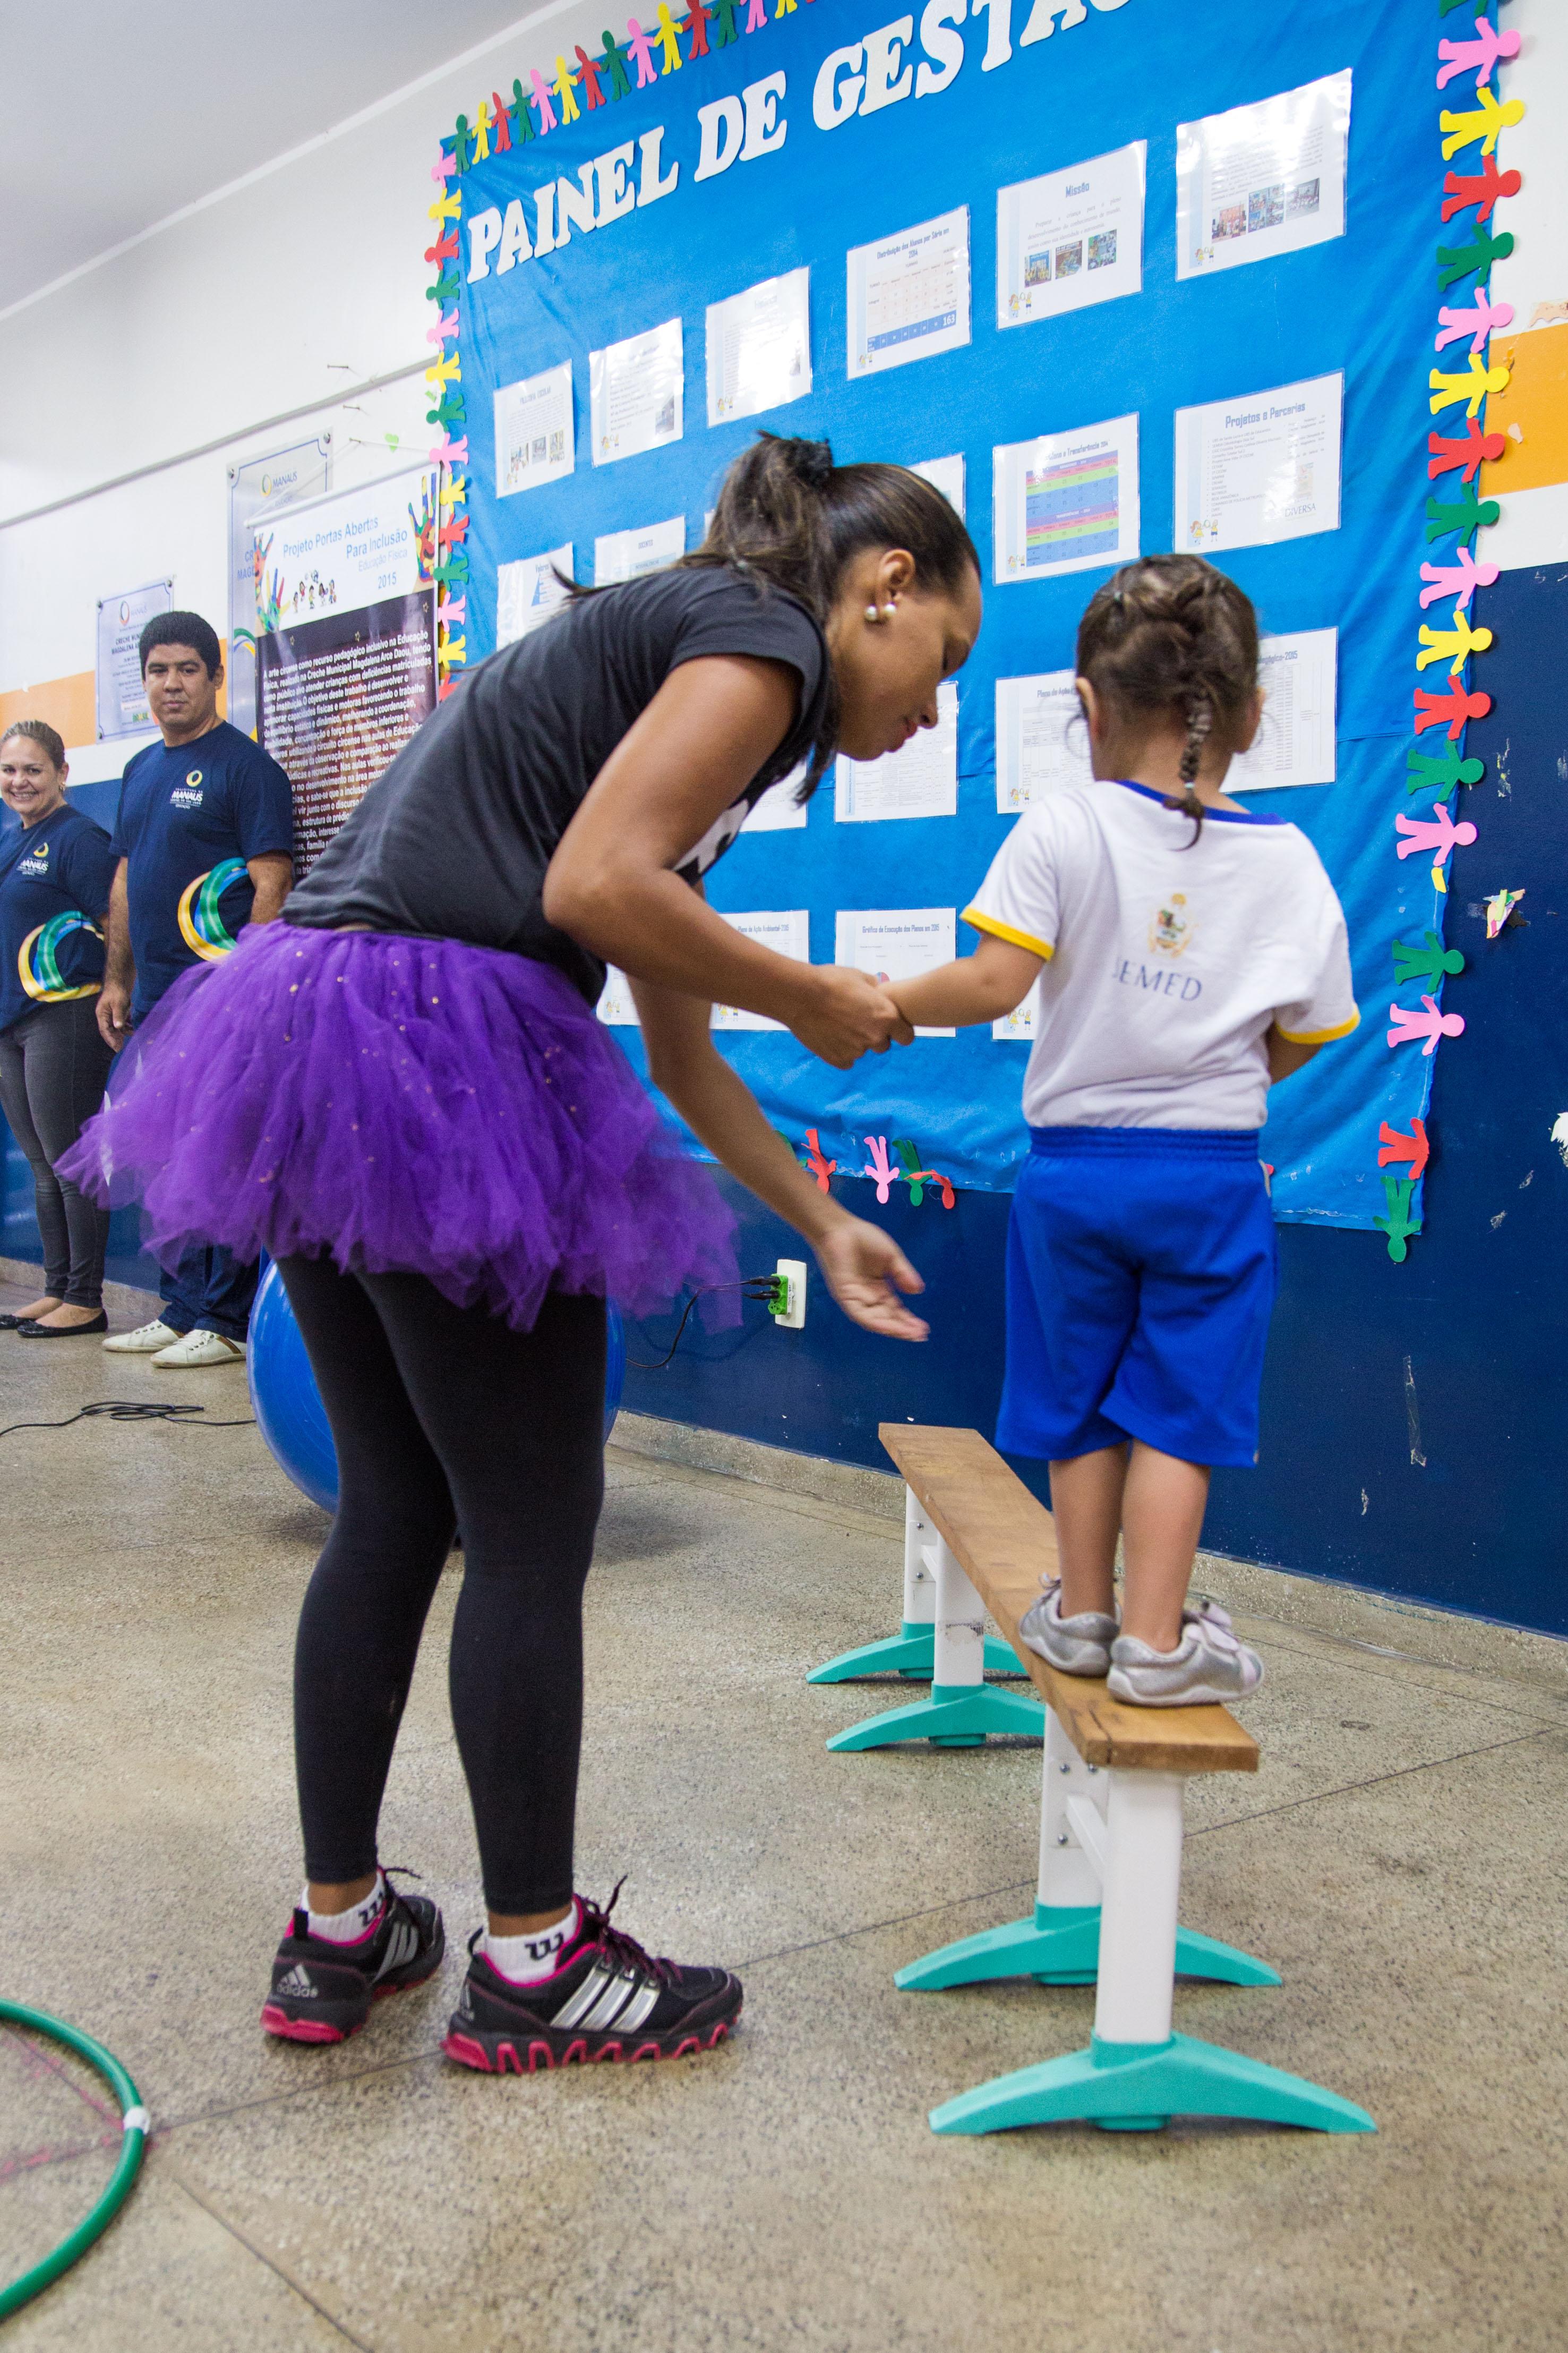 Uma garota de cerca de 4 anos se equilibra sobre uma tábua de madeira. Uma educadora a segura pelas mãos e a guia.